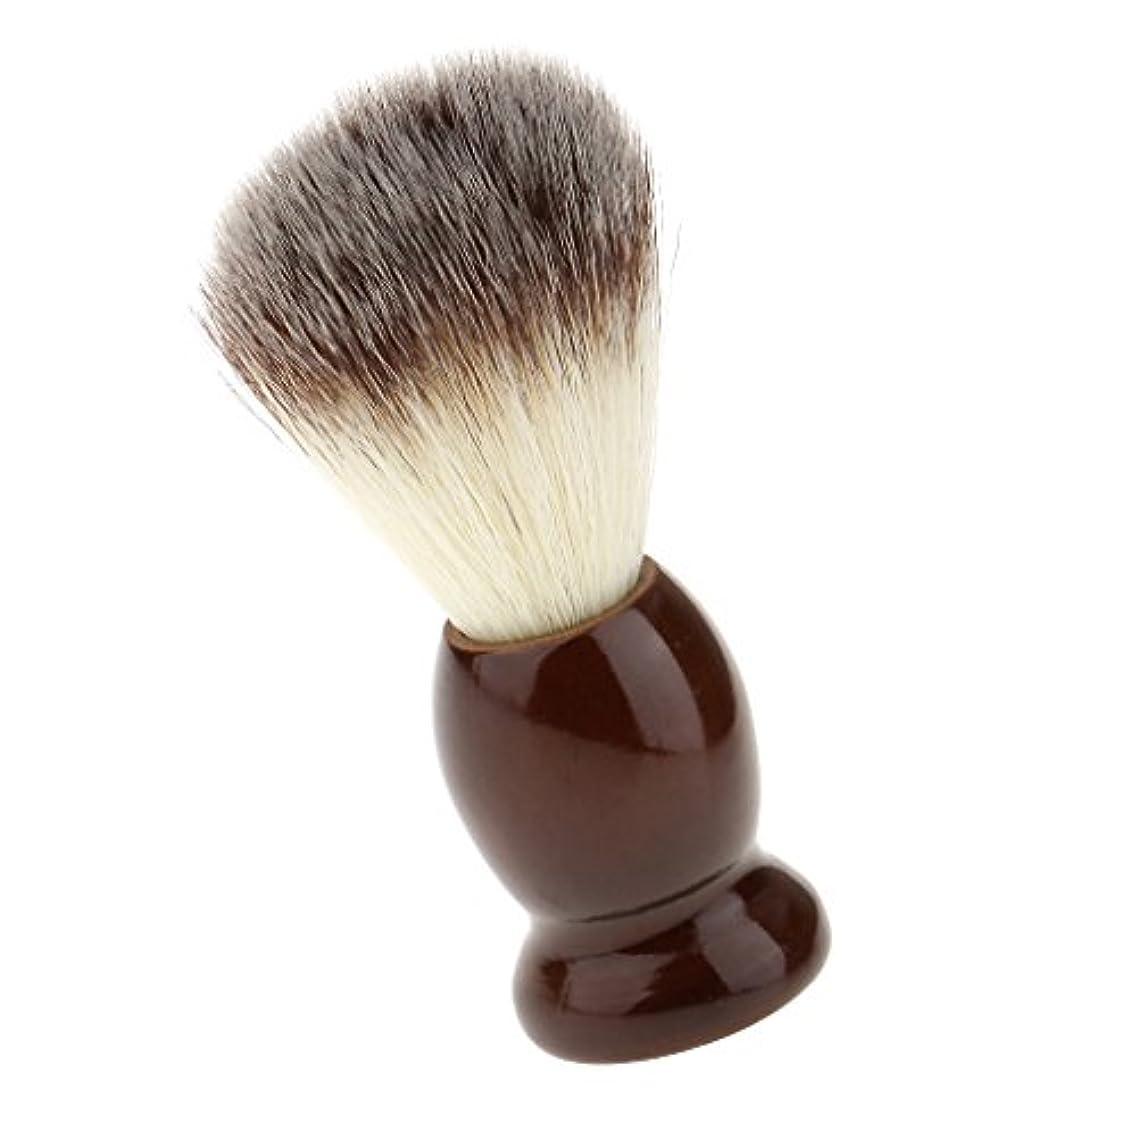 世界推進力添付SONONIA ナイロン製 シェービングブラシ サロン 柔らかい 髭剃り 洗顔 理容   便携 10.5cm  ブラウン